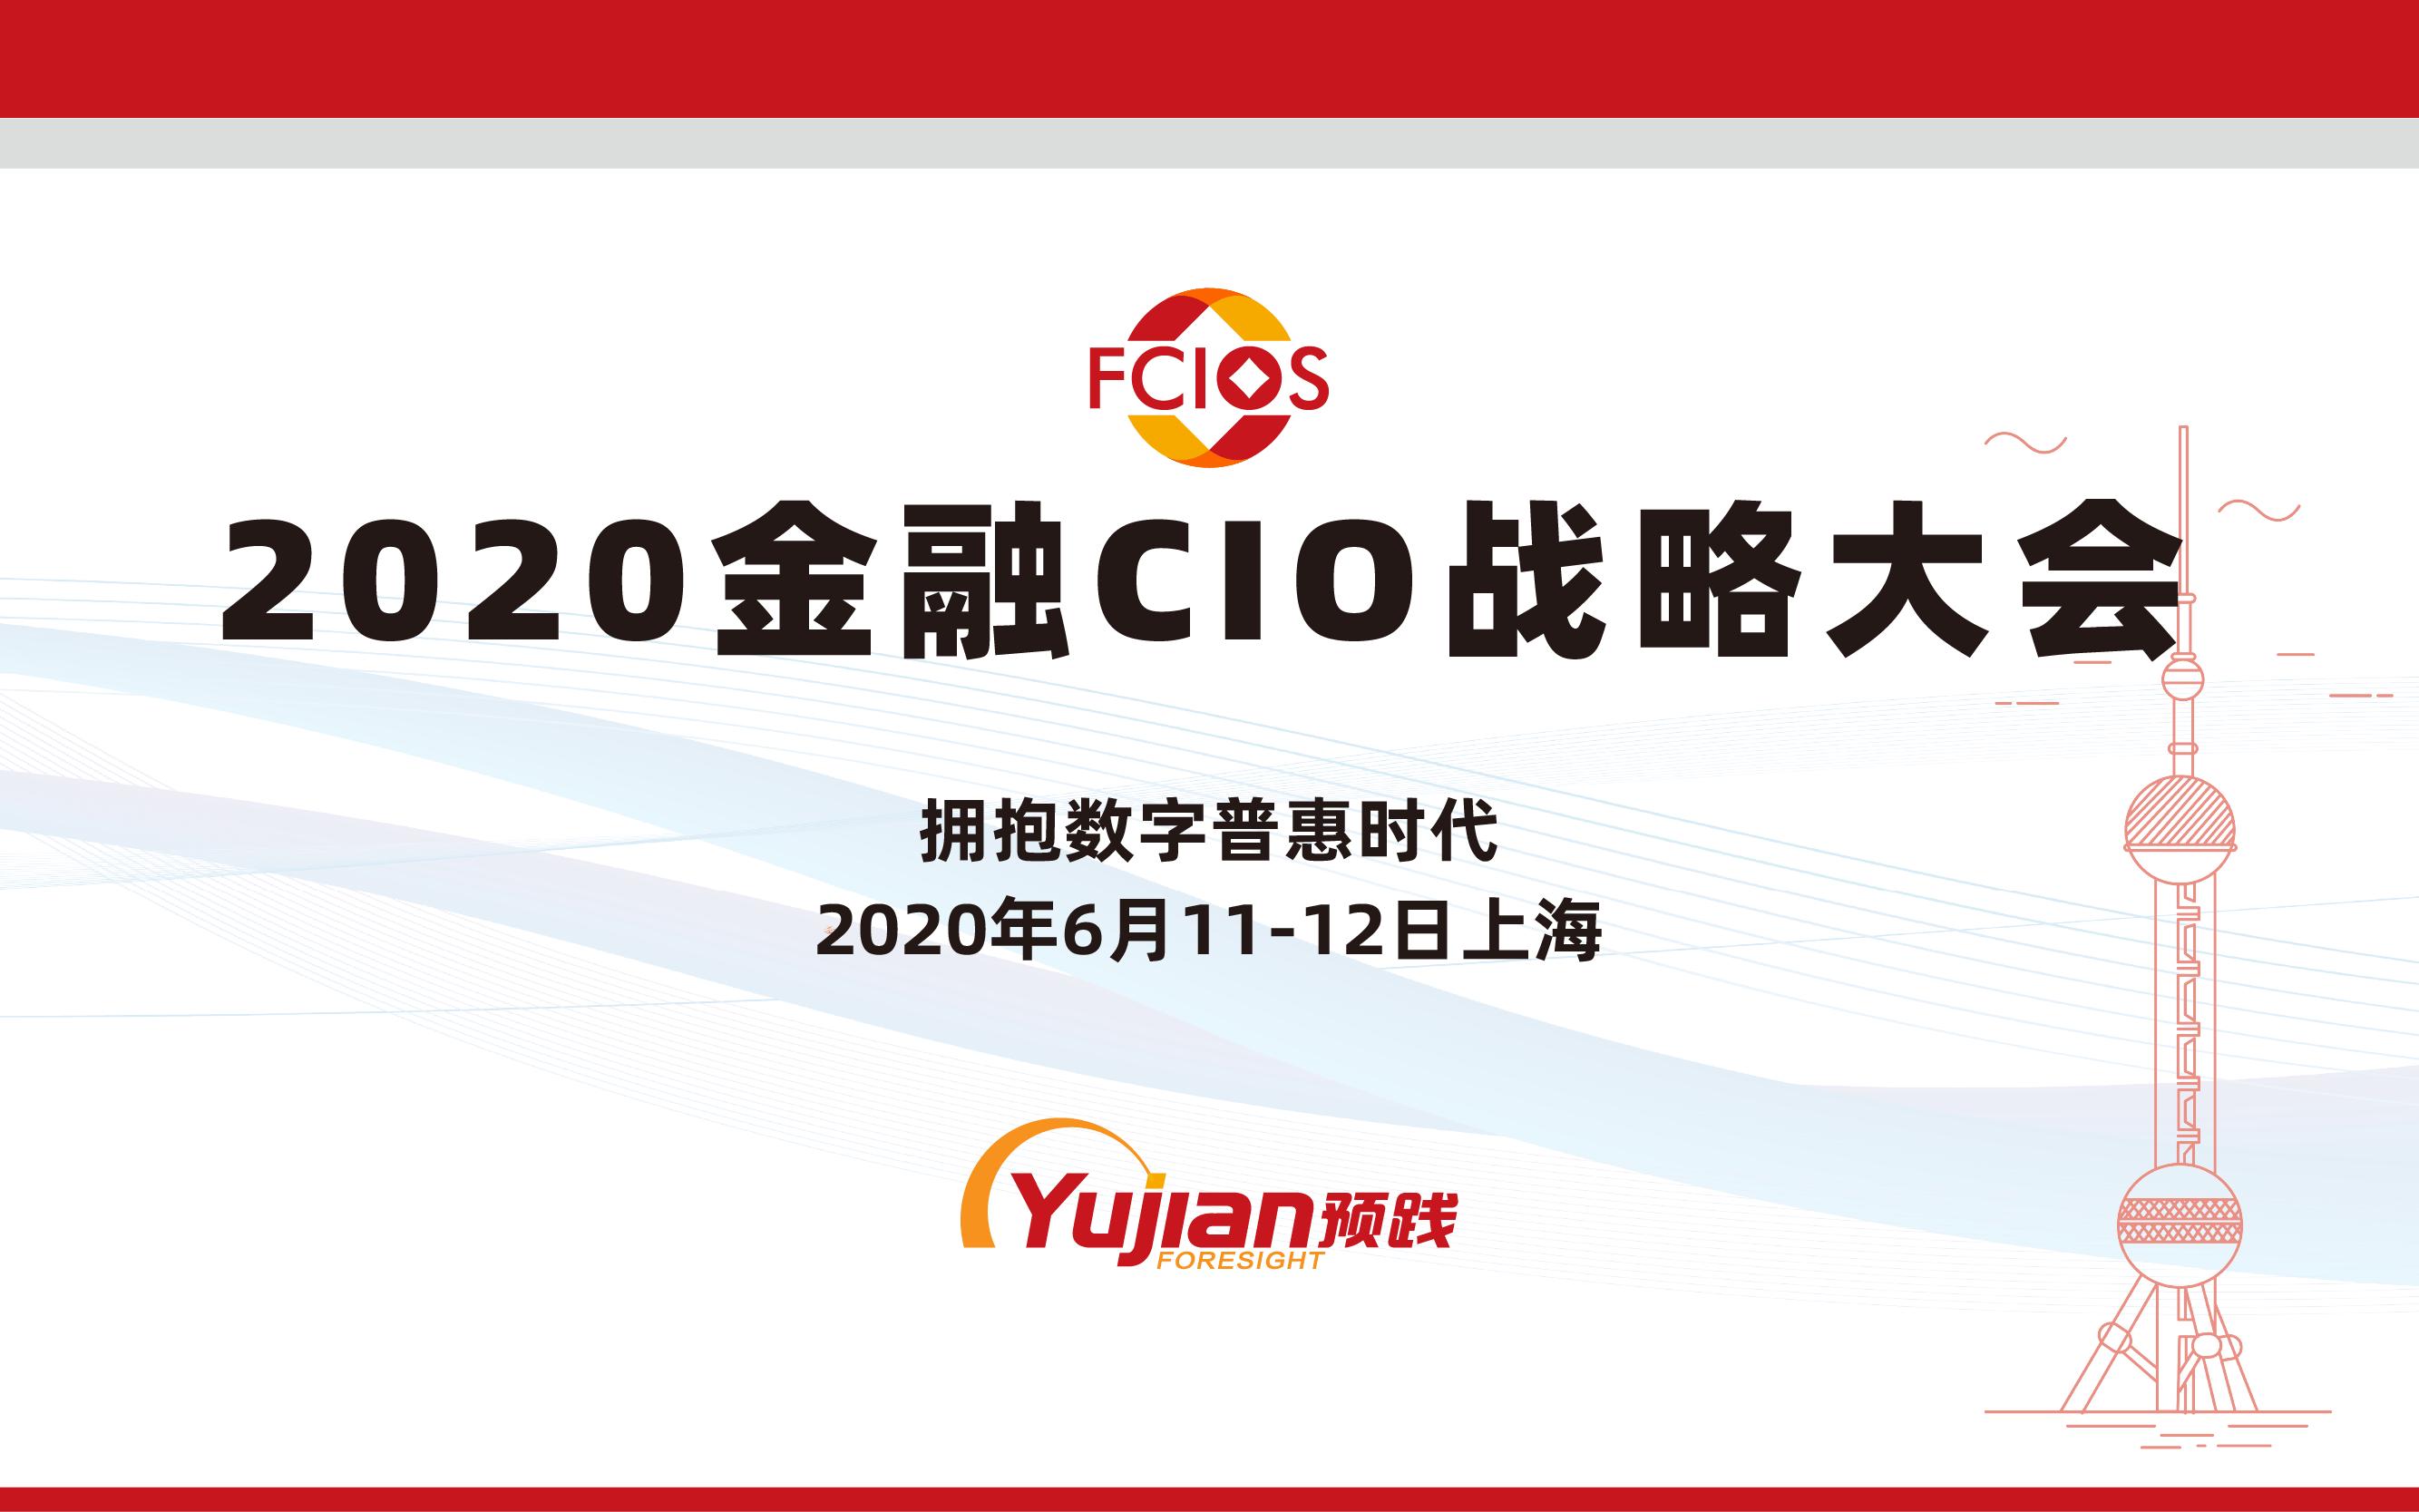 2020金融CIO战略大会 -1473-1